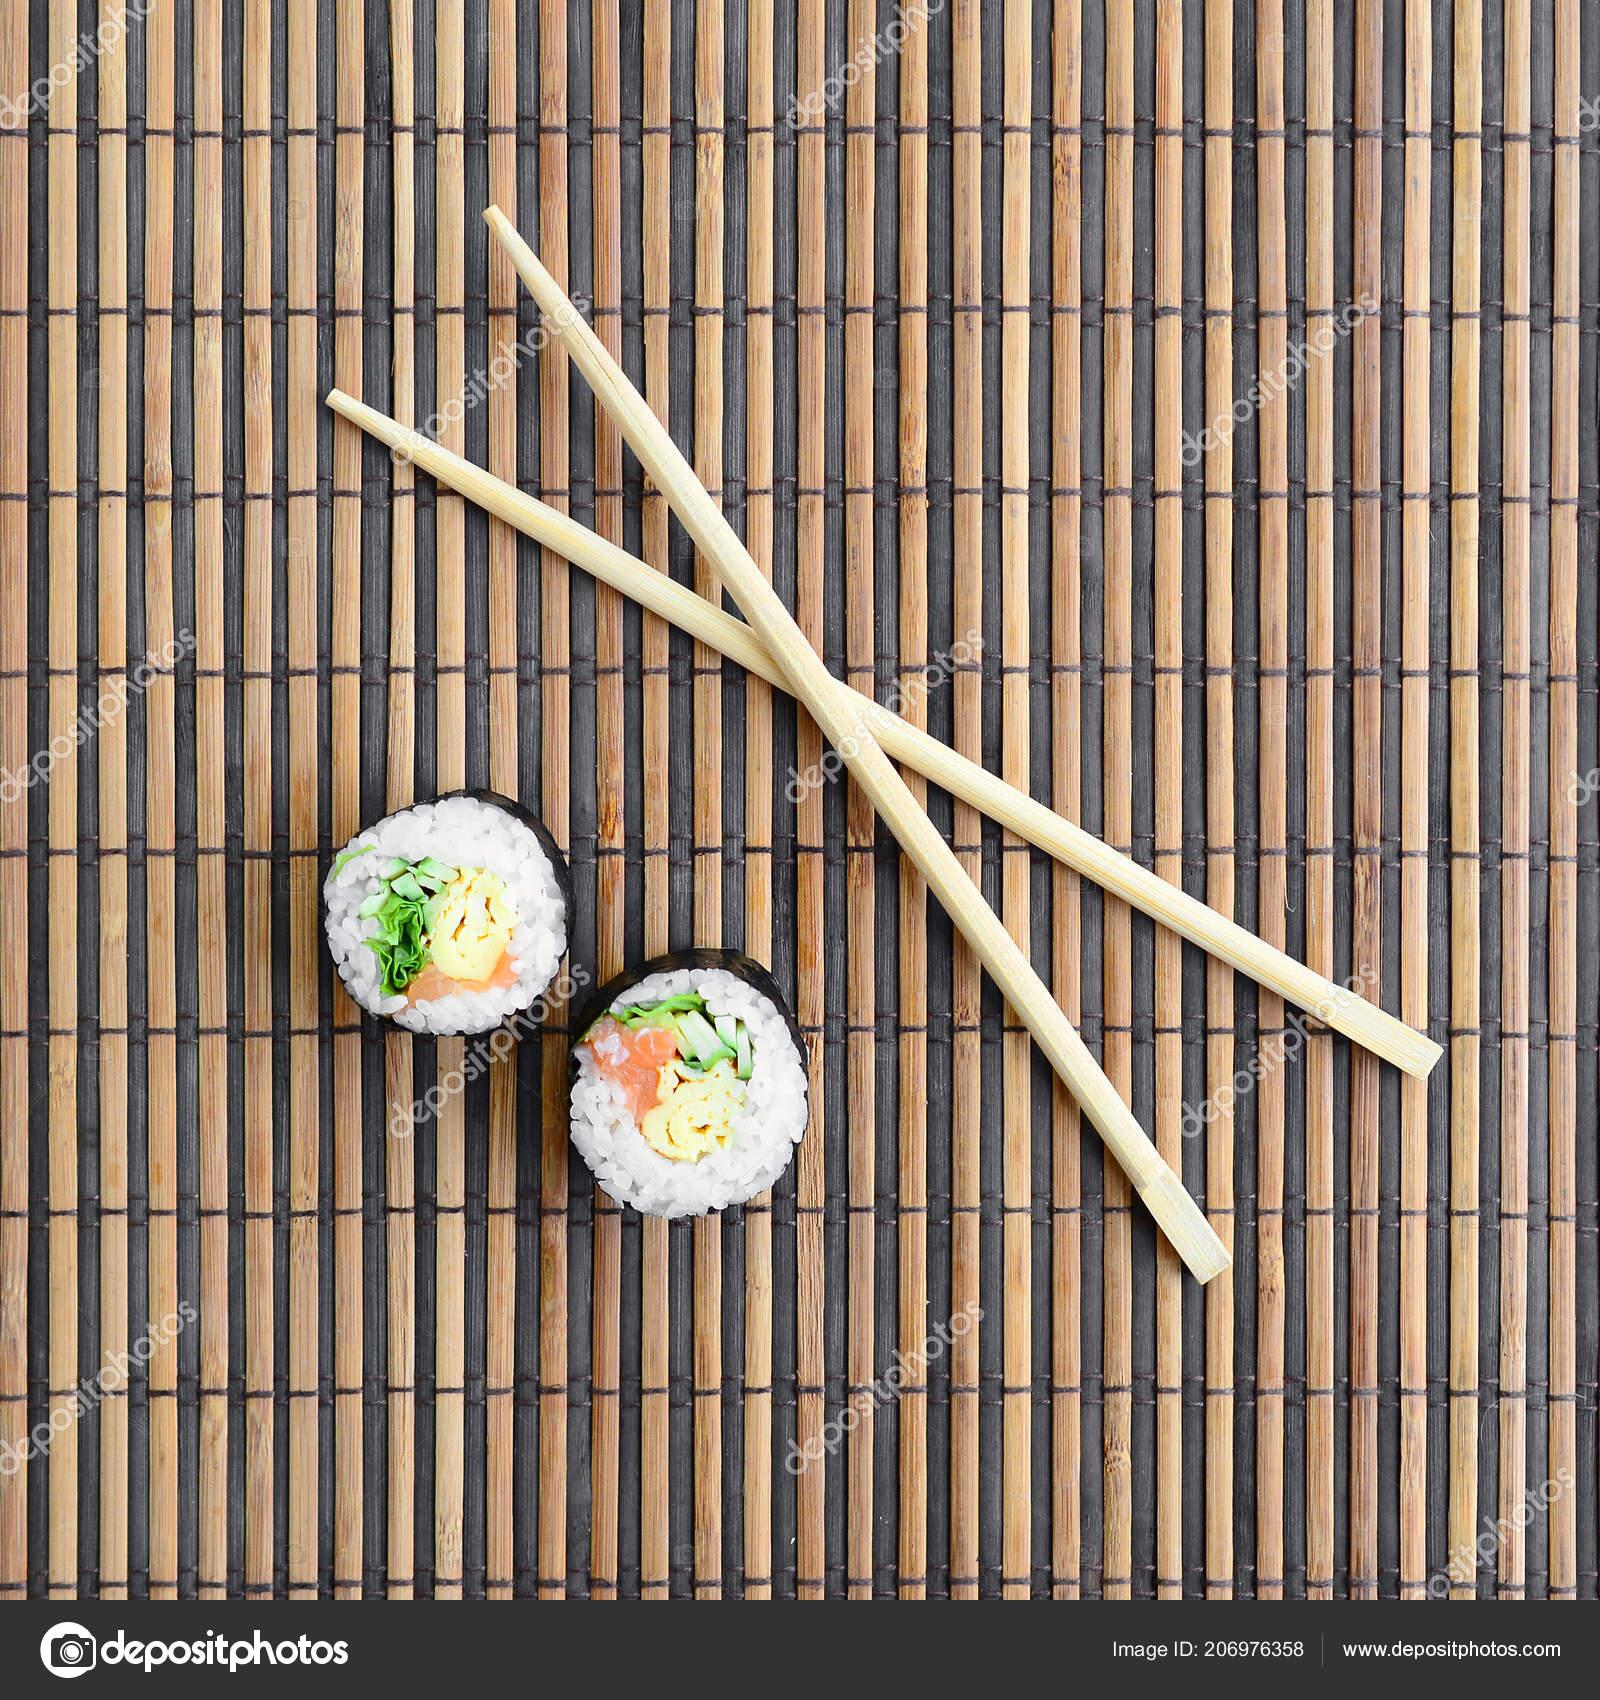 Sushi Rolls Wooden Chopsticks Lie Bamboo Straw Serwing Mat